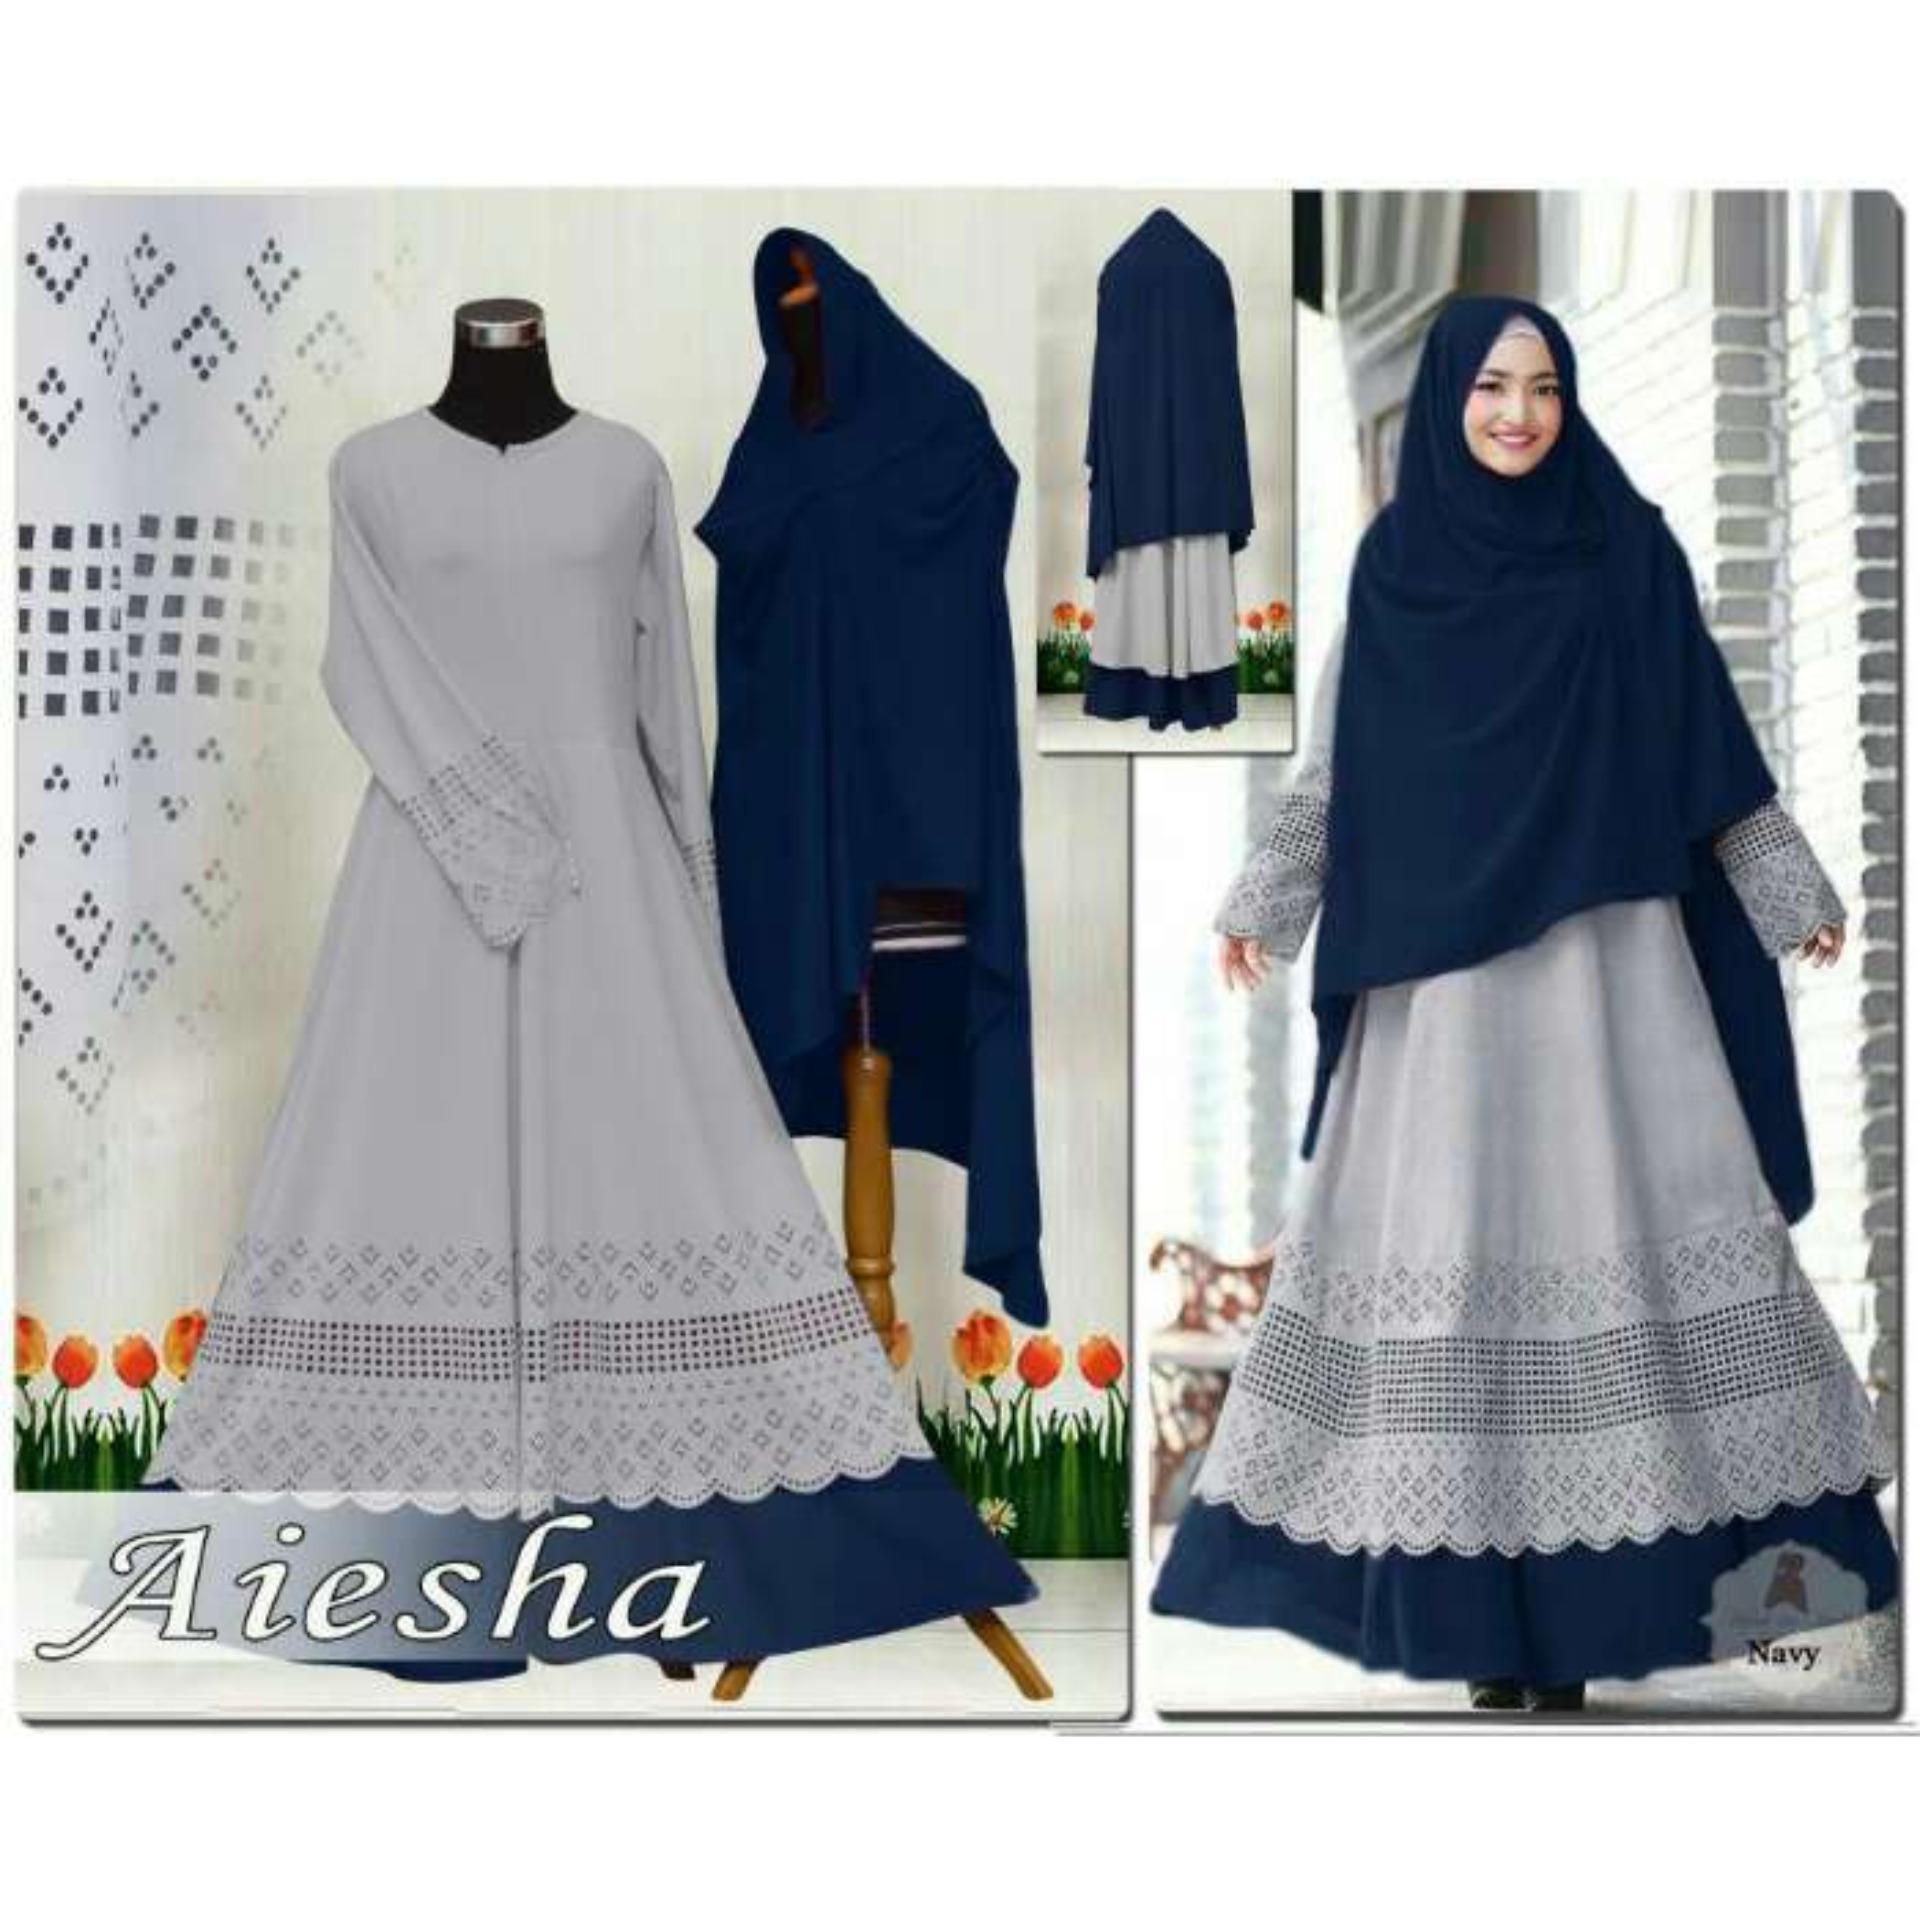 Ulasan Lengkap Tentang Humaira99 Gamis Syari Muslim Wanita Busui Dress Muslimah Atasan Aiesha